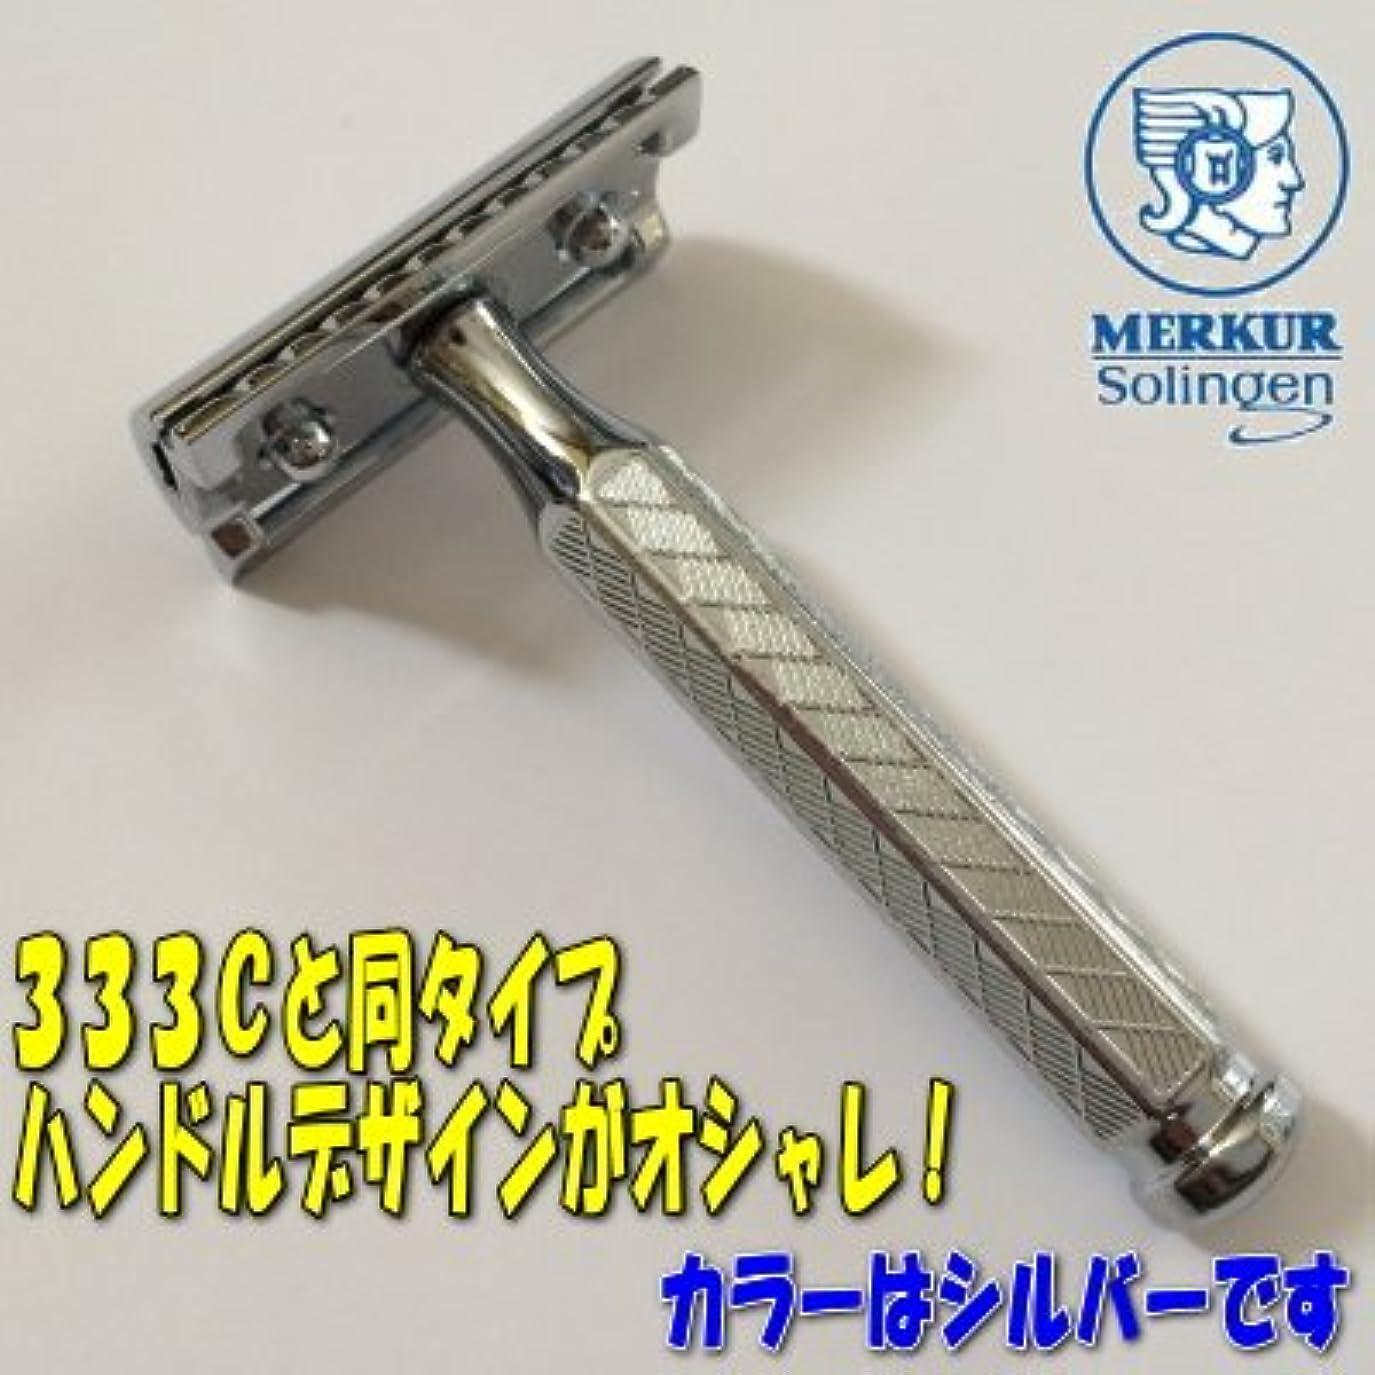 合理的レディ民兵メルクール髭剃り(ひげそり) 342